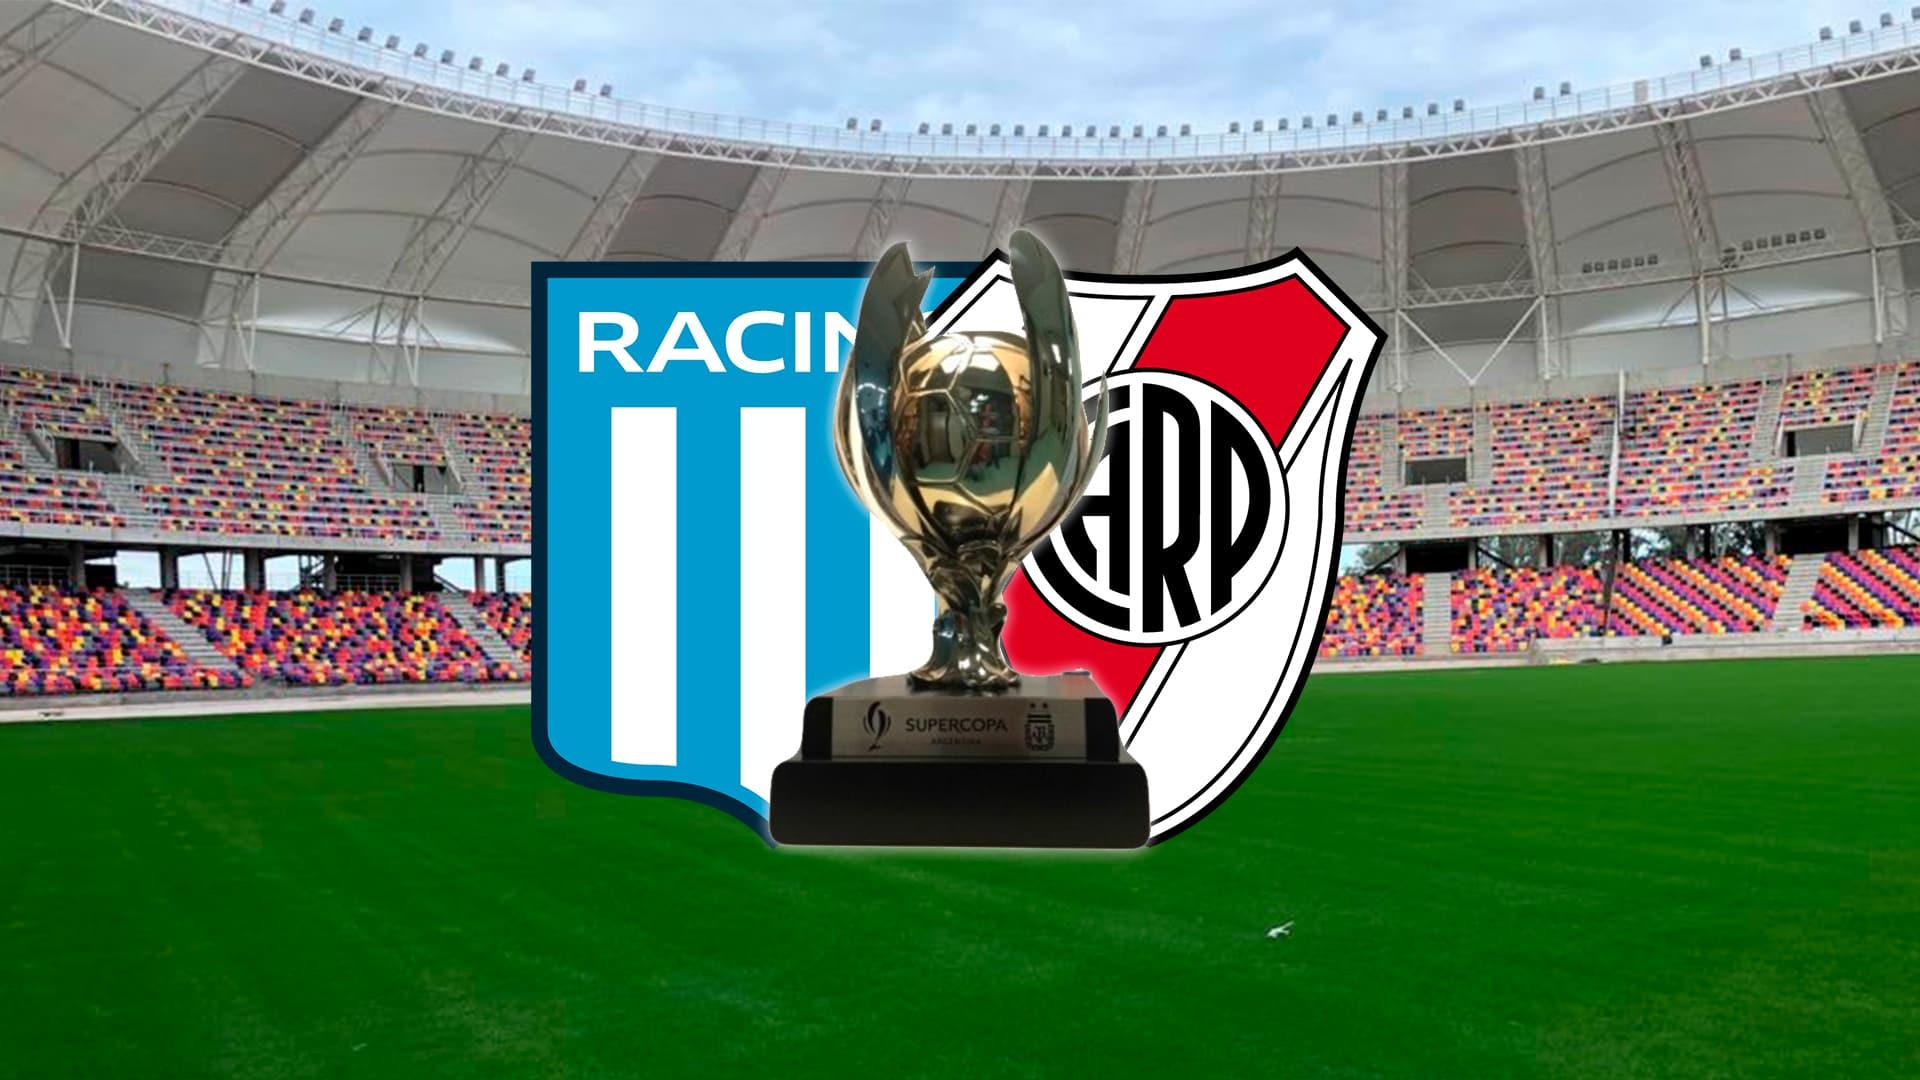 La final de la Supercopa Argentina entre River y Racing se jugará en la primera semana de marzo